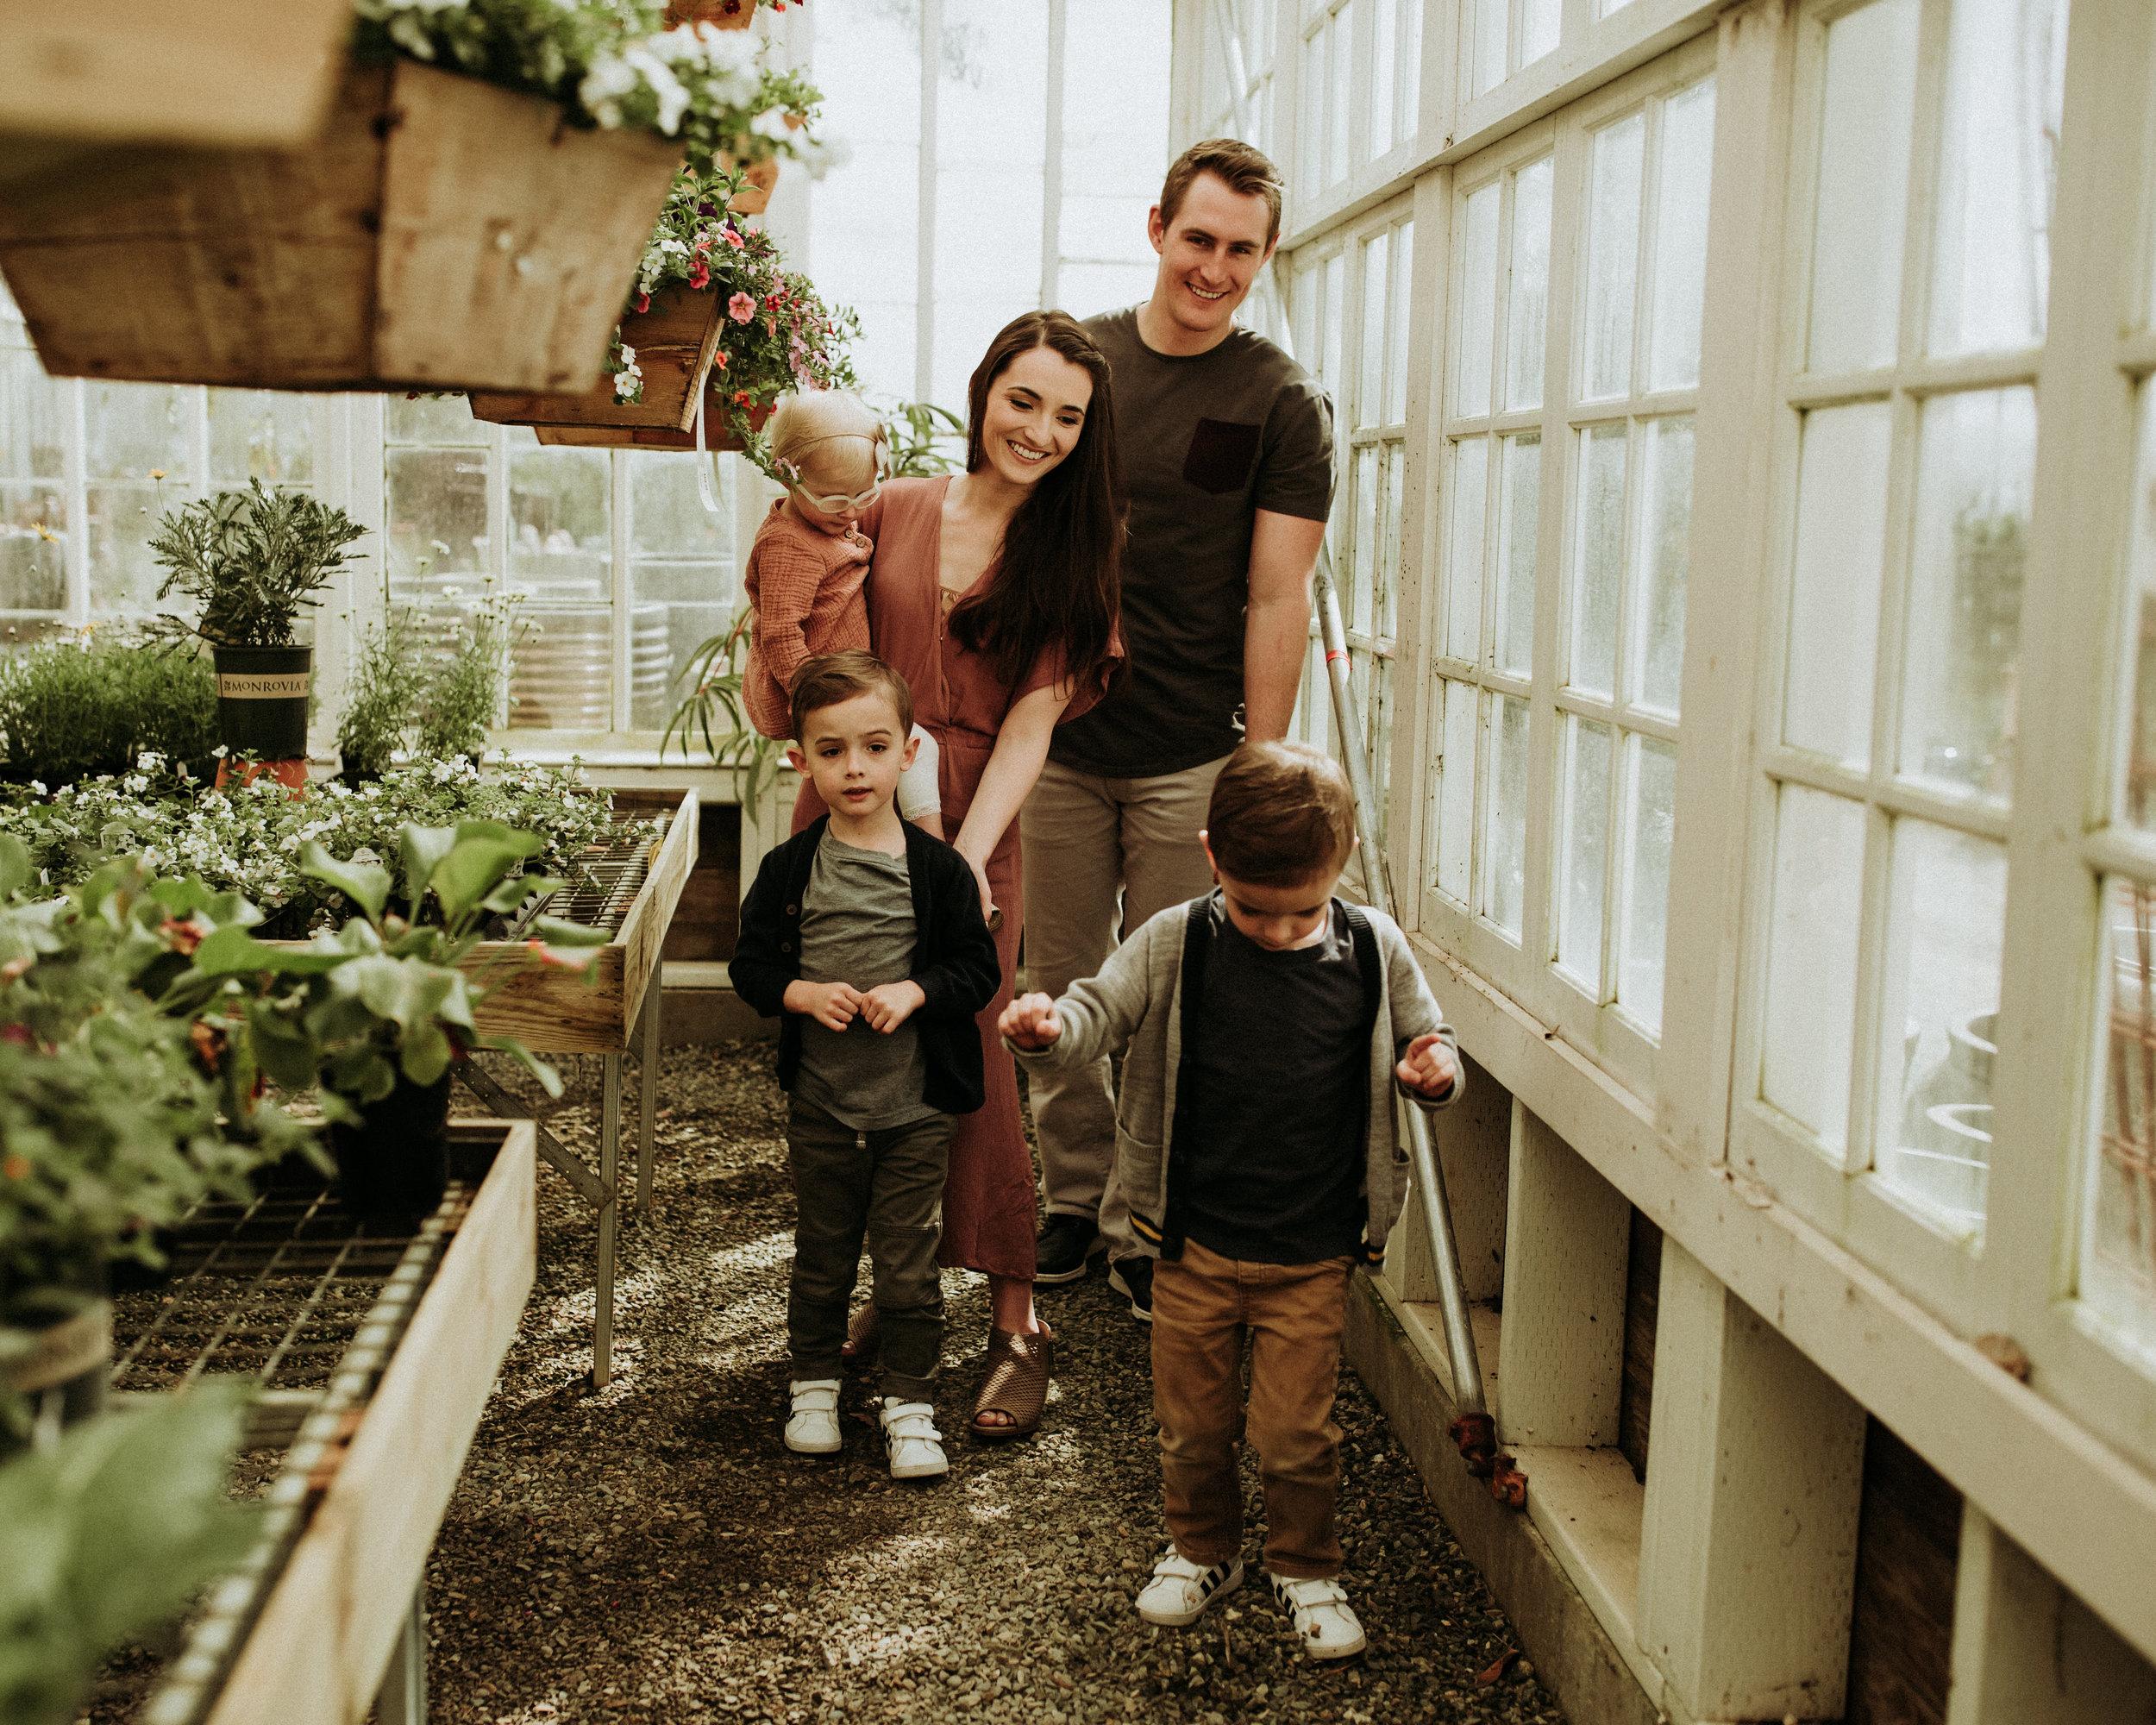 Family-Photographer-Bellingham-WA-Brianne-Bell-Photograpy-(Bennett)-6.jpg